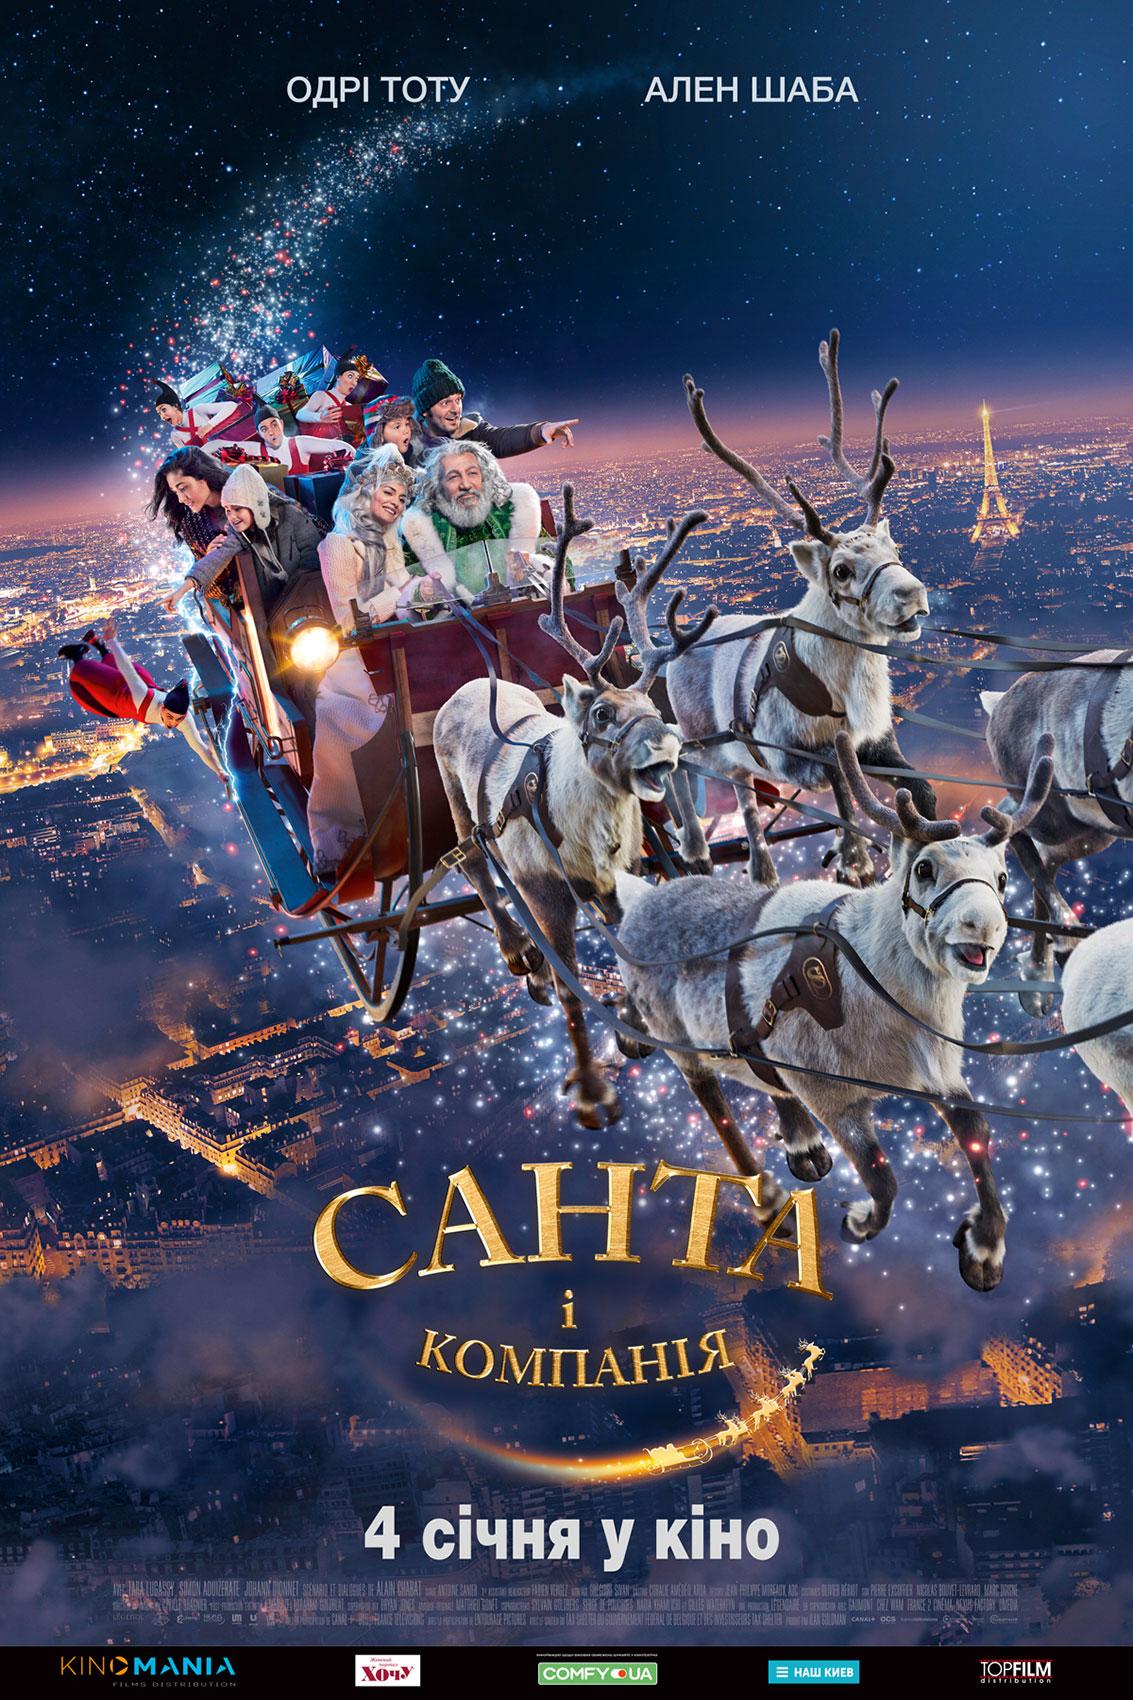 Санта i компанiя